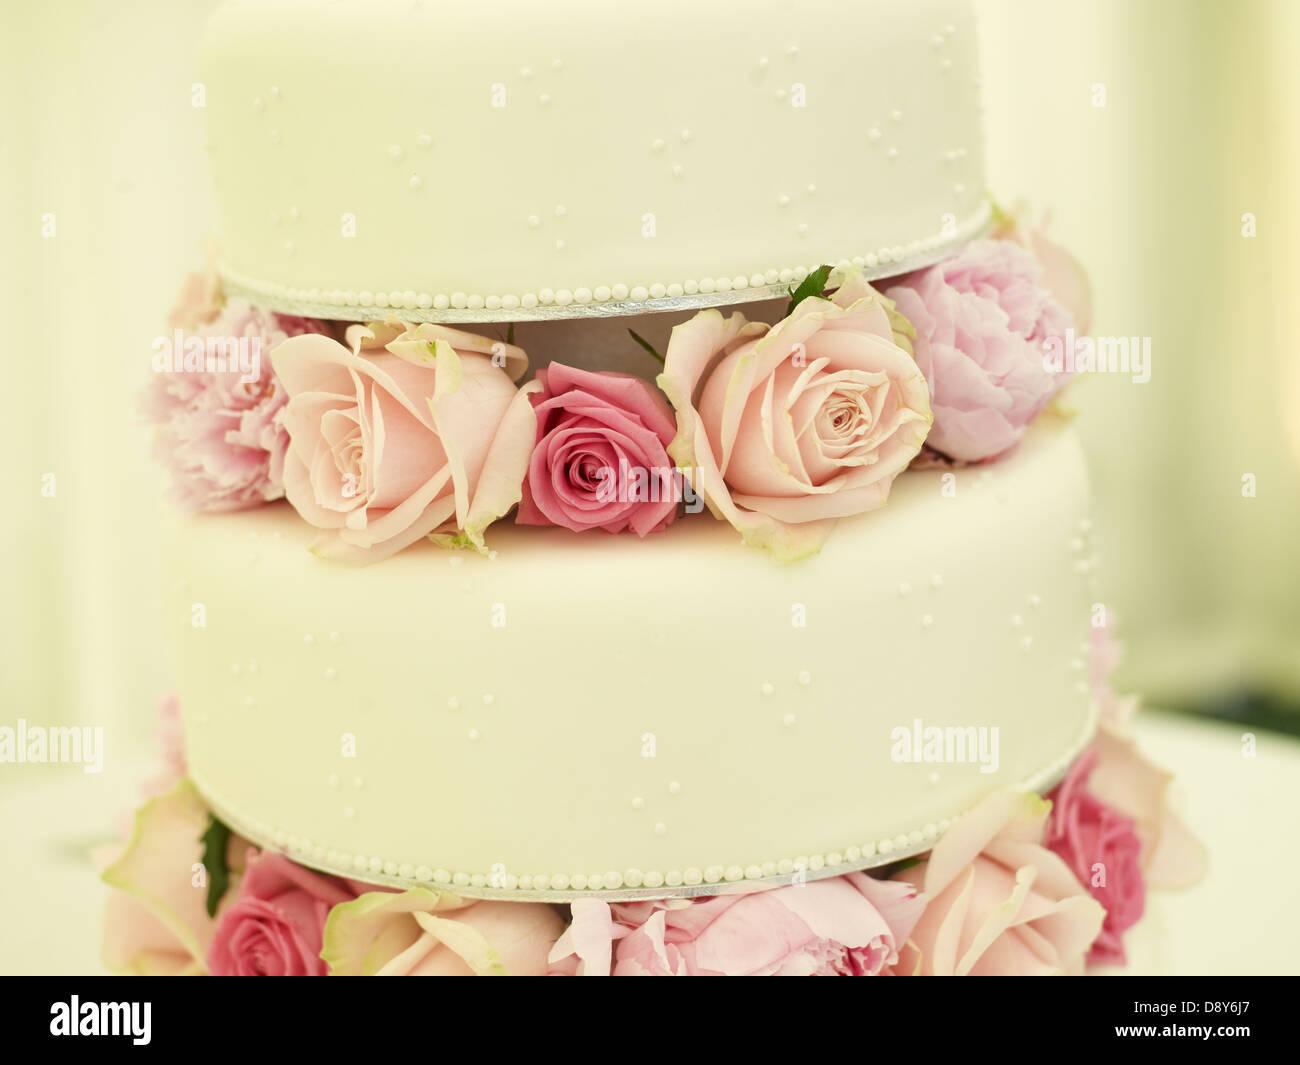 Eine zarte dreistufigen Hochzeitstorte mit Rosen dekoriert. Stockbild